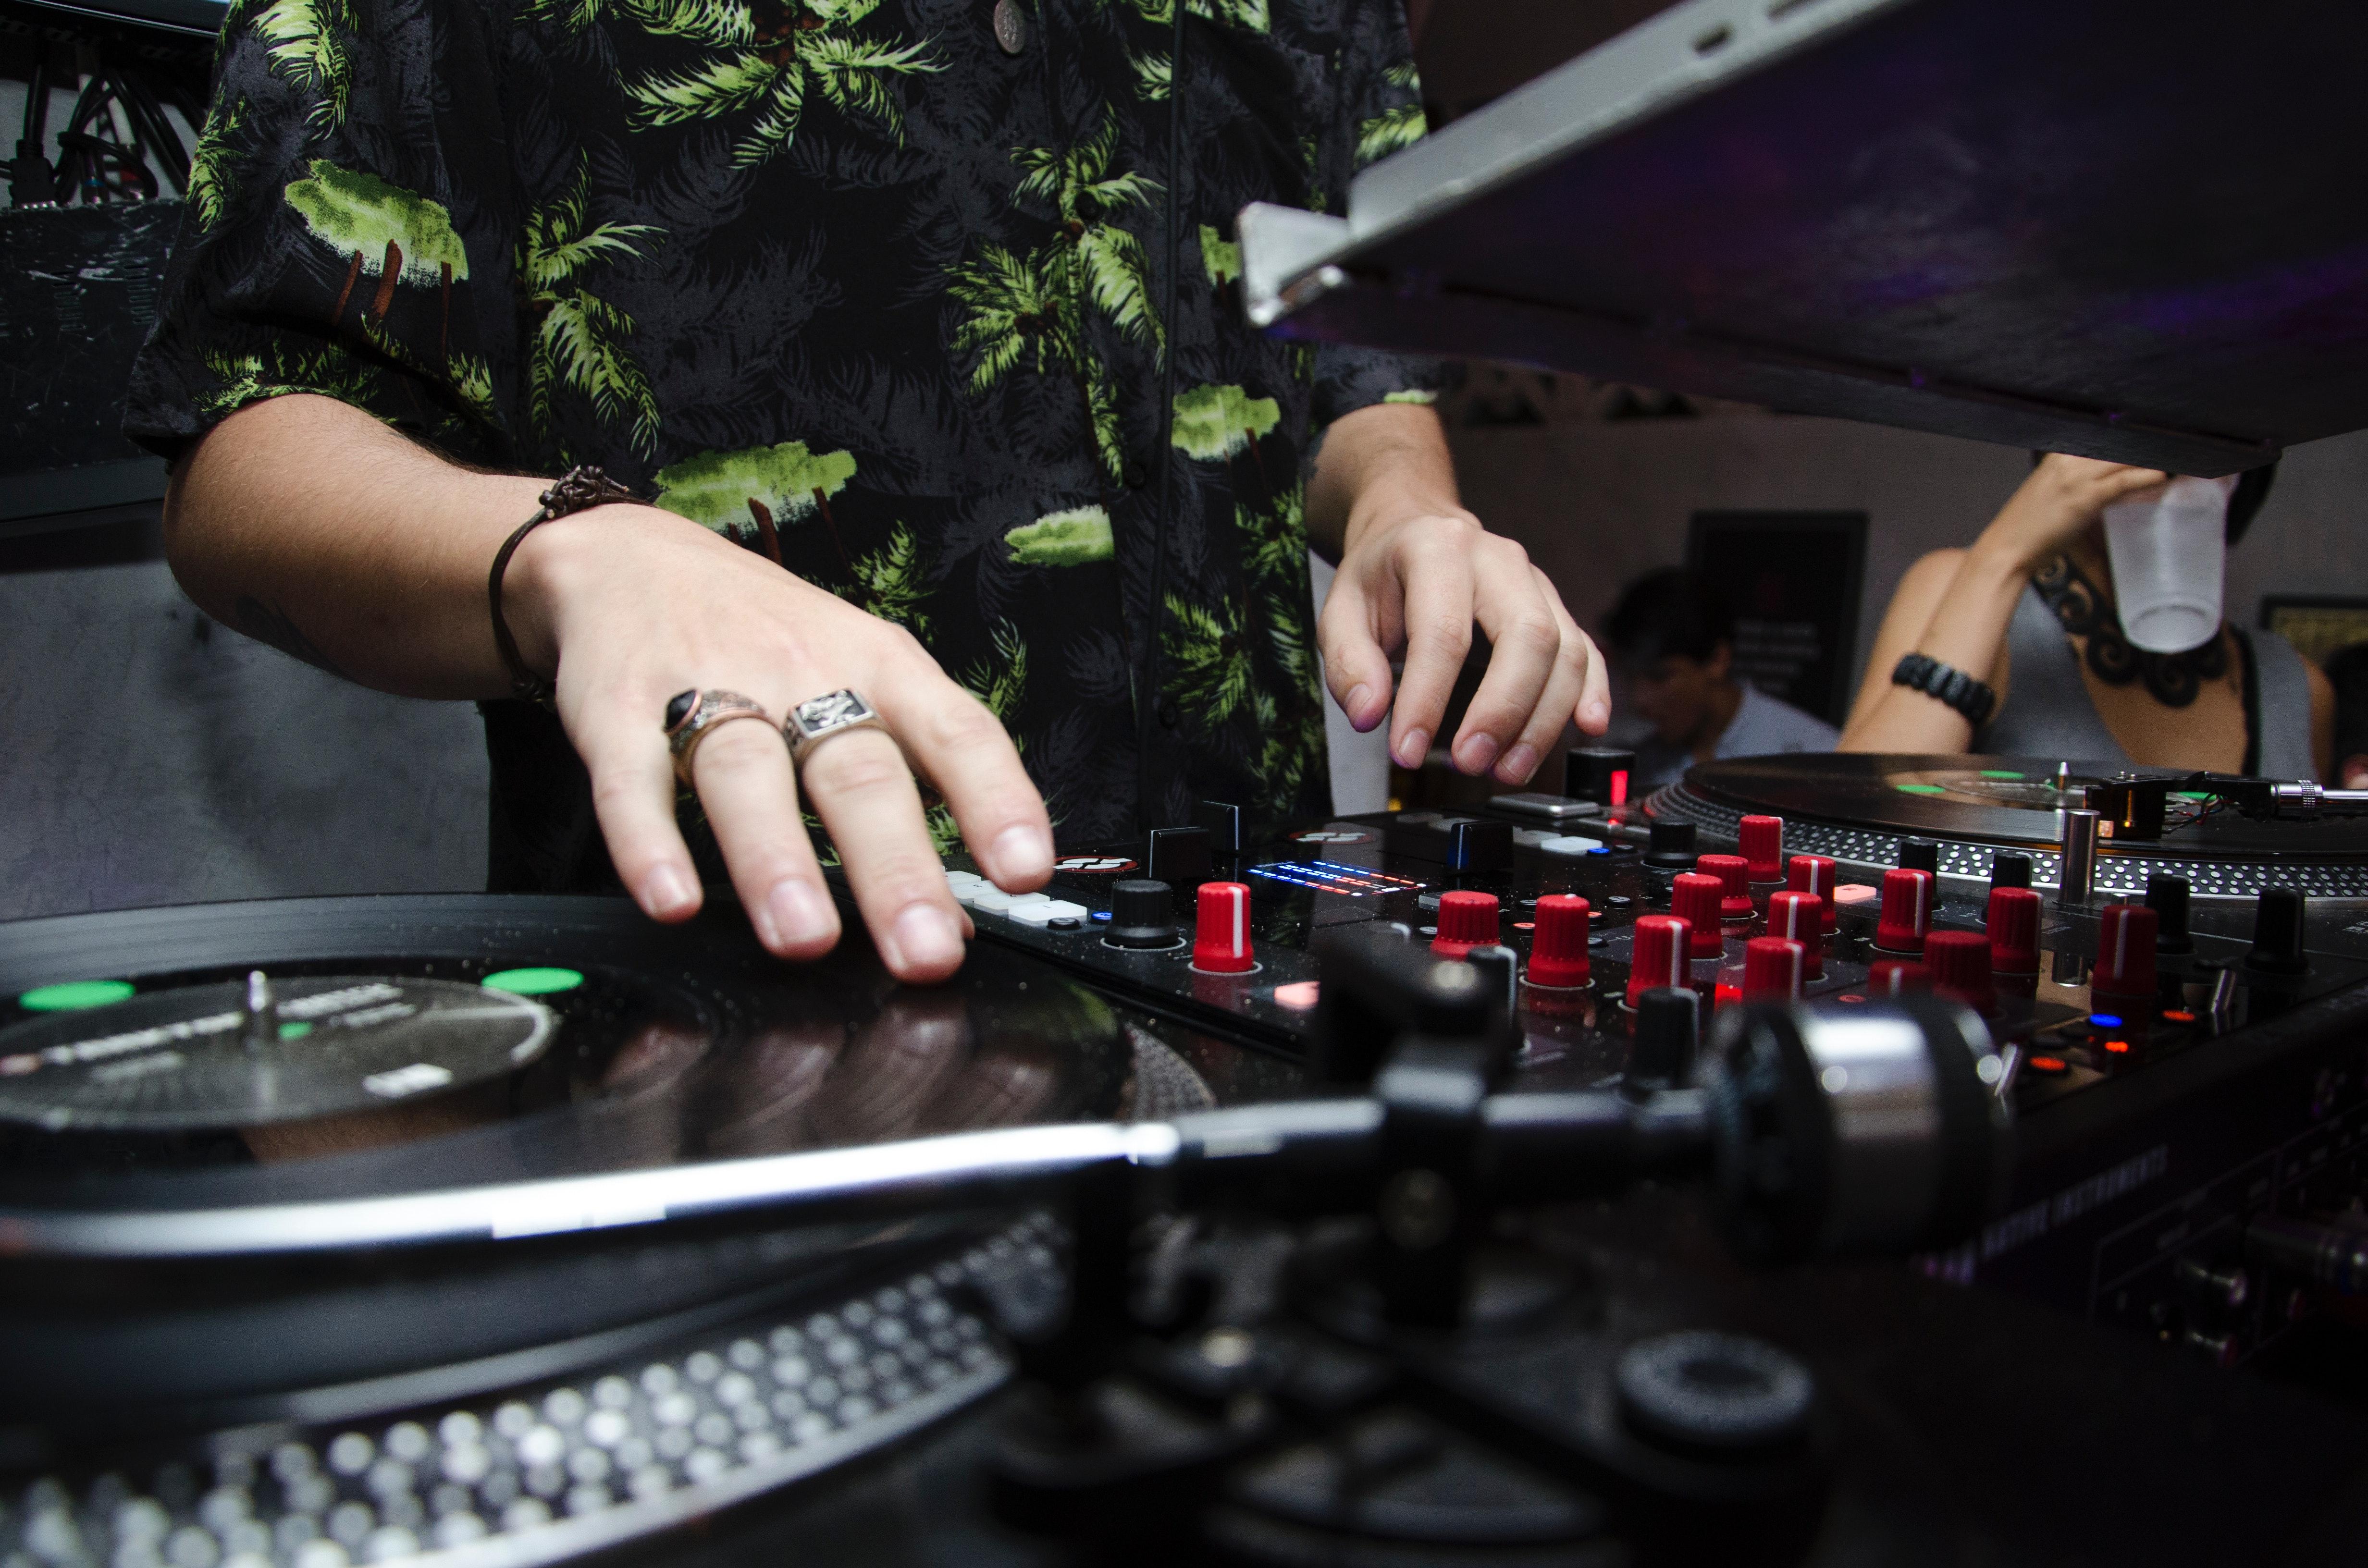 Spela musik på fest